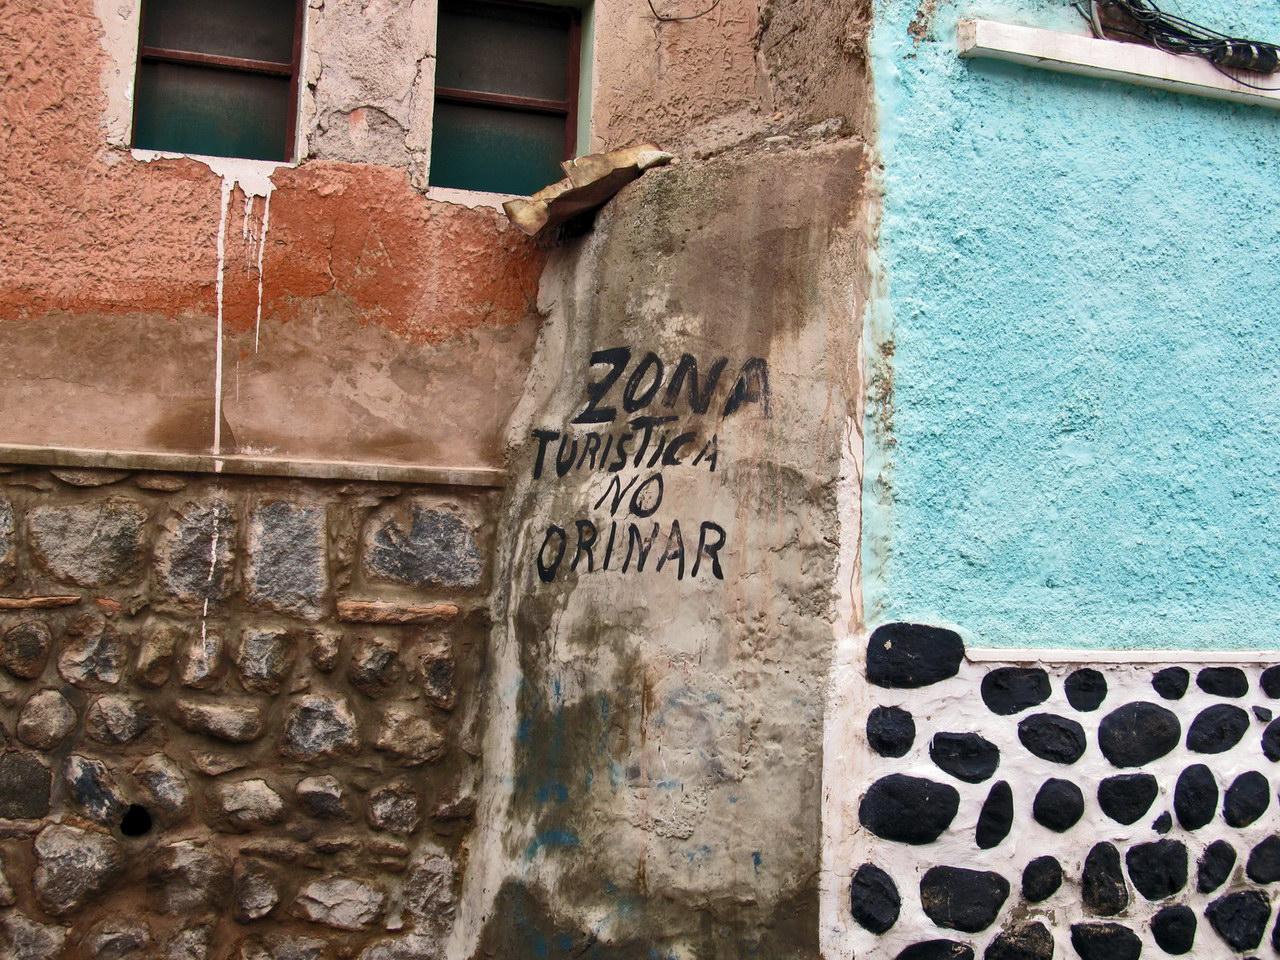 Zona turística de Potosí